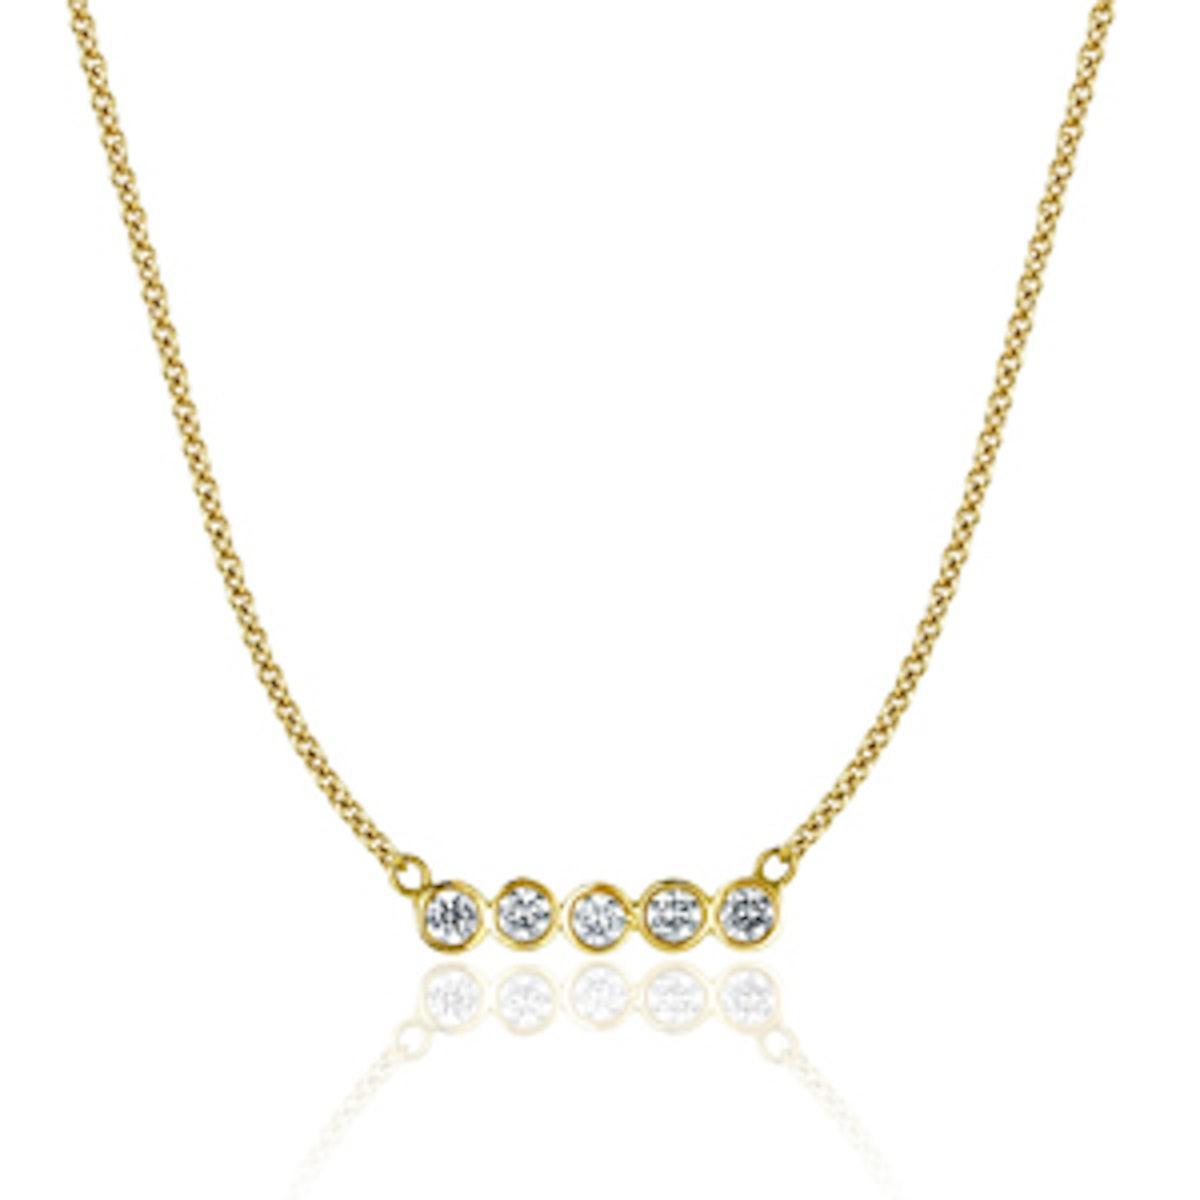 14K Gold Five Diamond Star Line Necklace